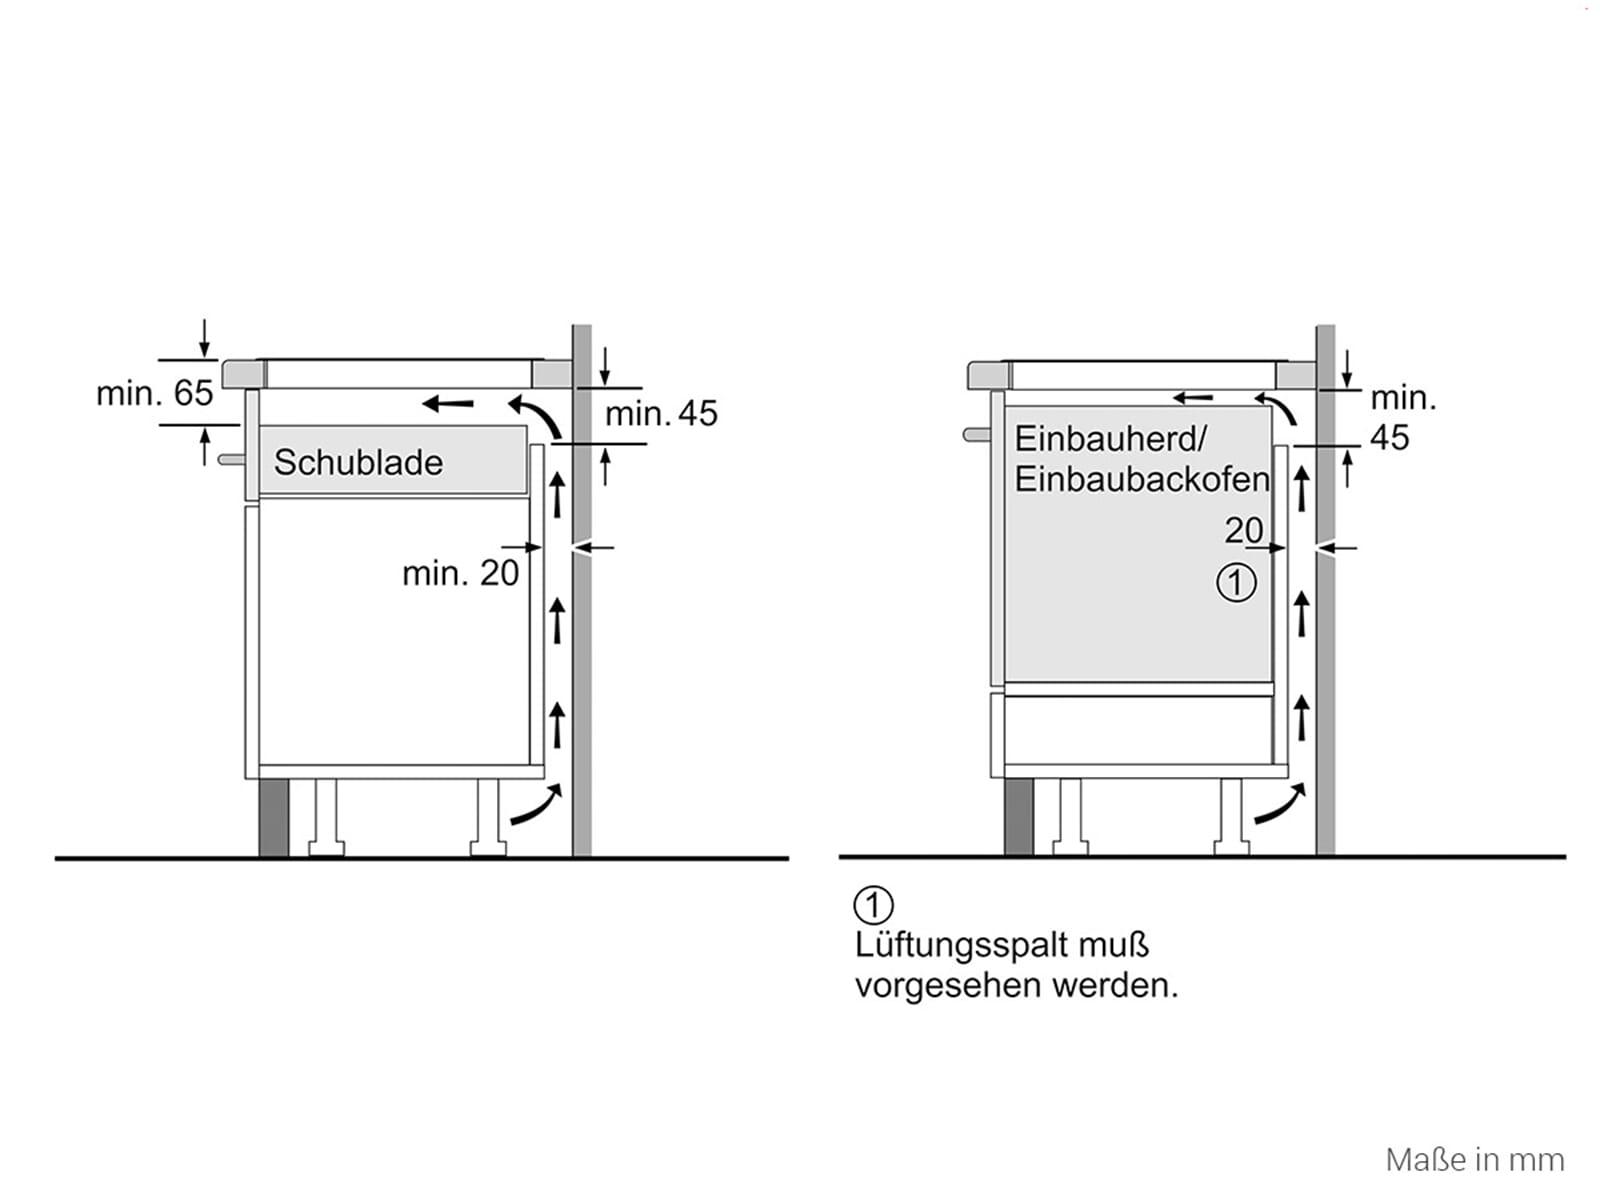 Siemens ex675jyw1e induktionskochfeld autark for Induktionskochfeld autark